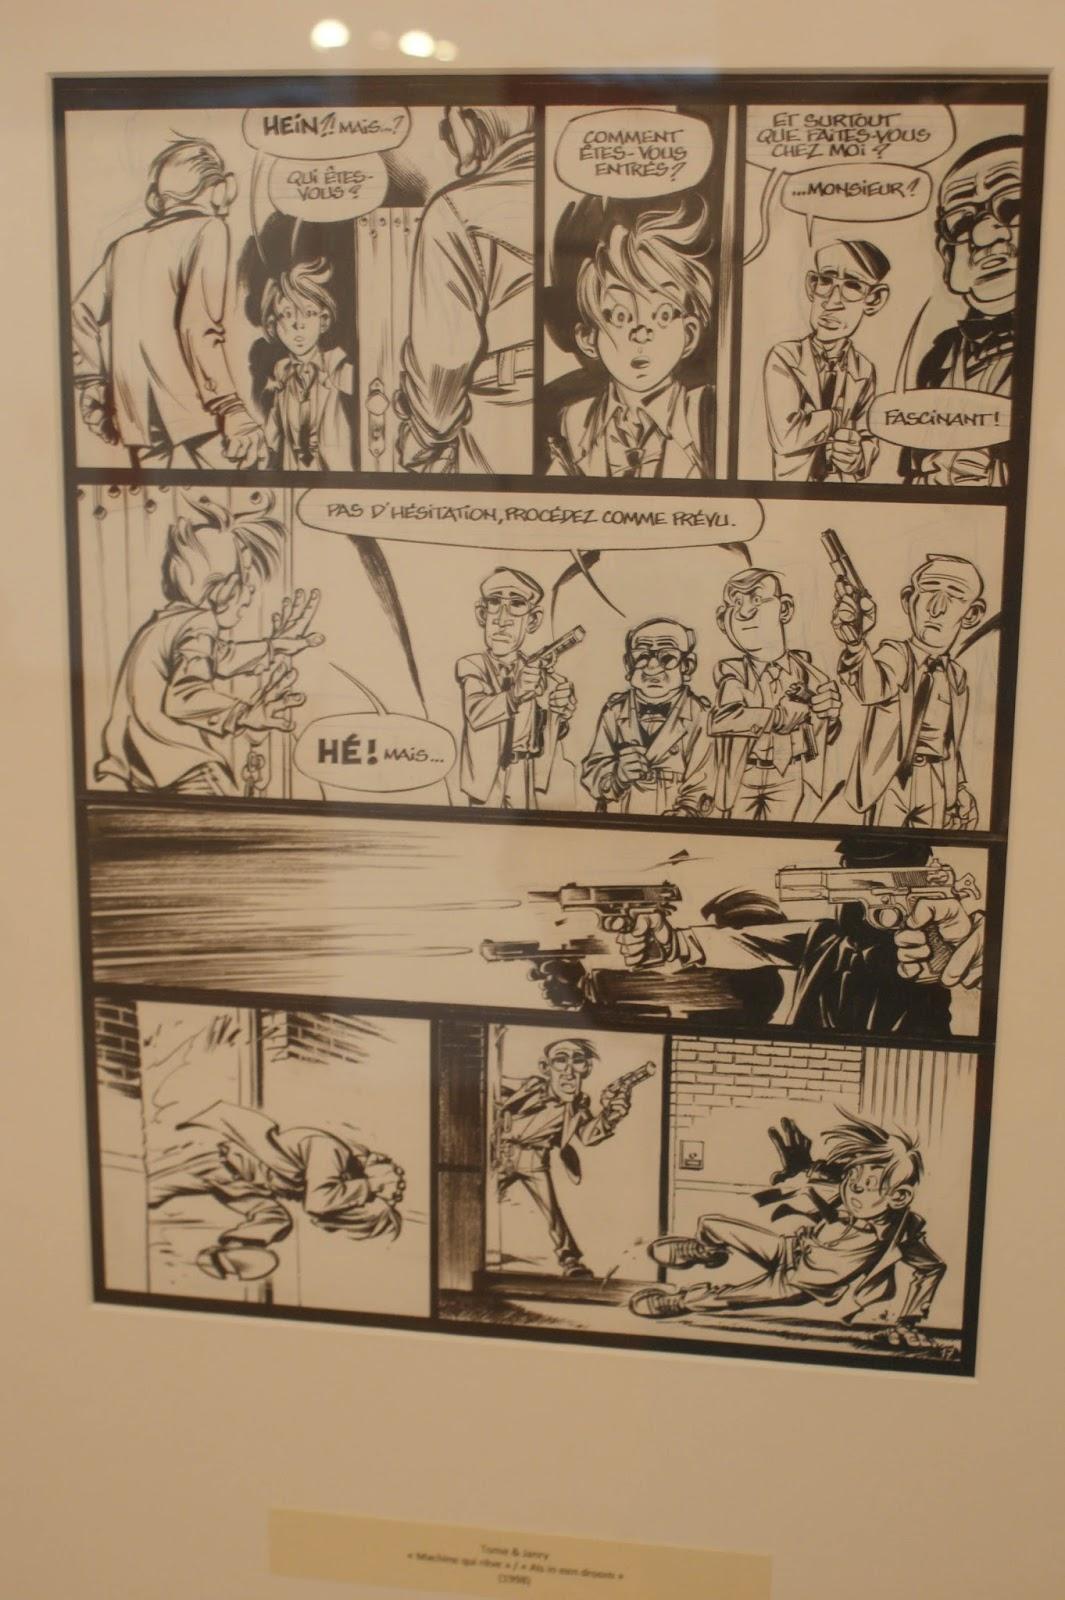 Ilustraciones sueltas chulas encontradas por el internete - Página 4 Spirou12